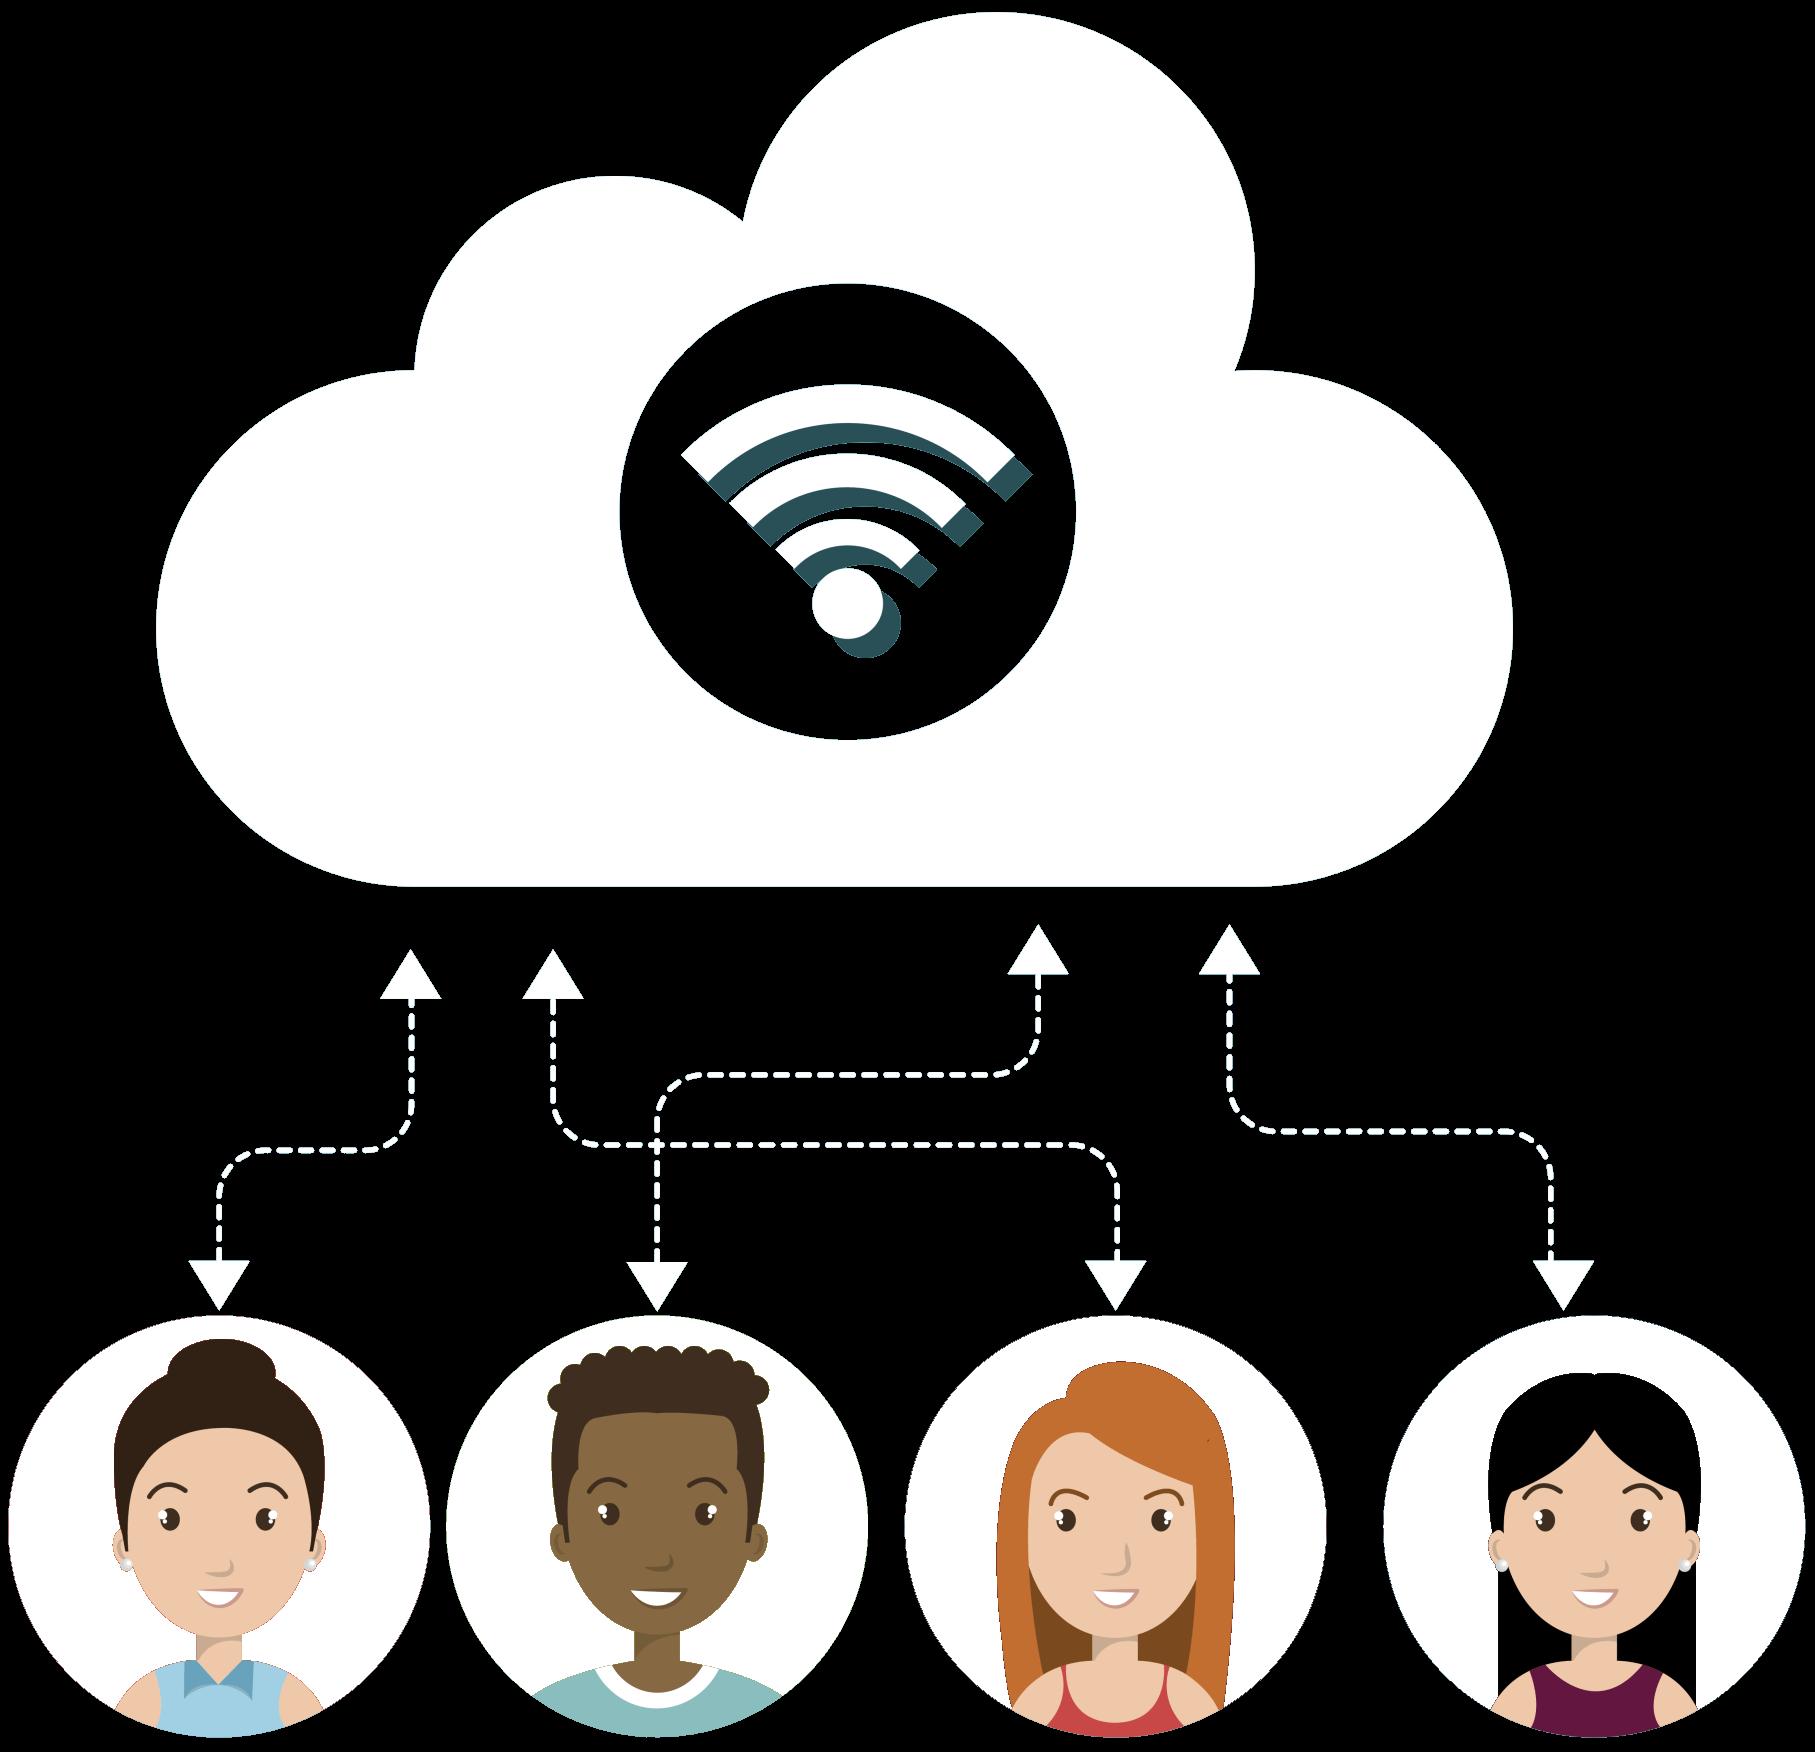 Cloud Vorteile für Ihren Arbeitsalltag